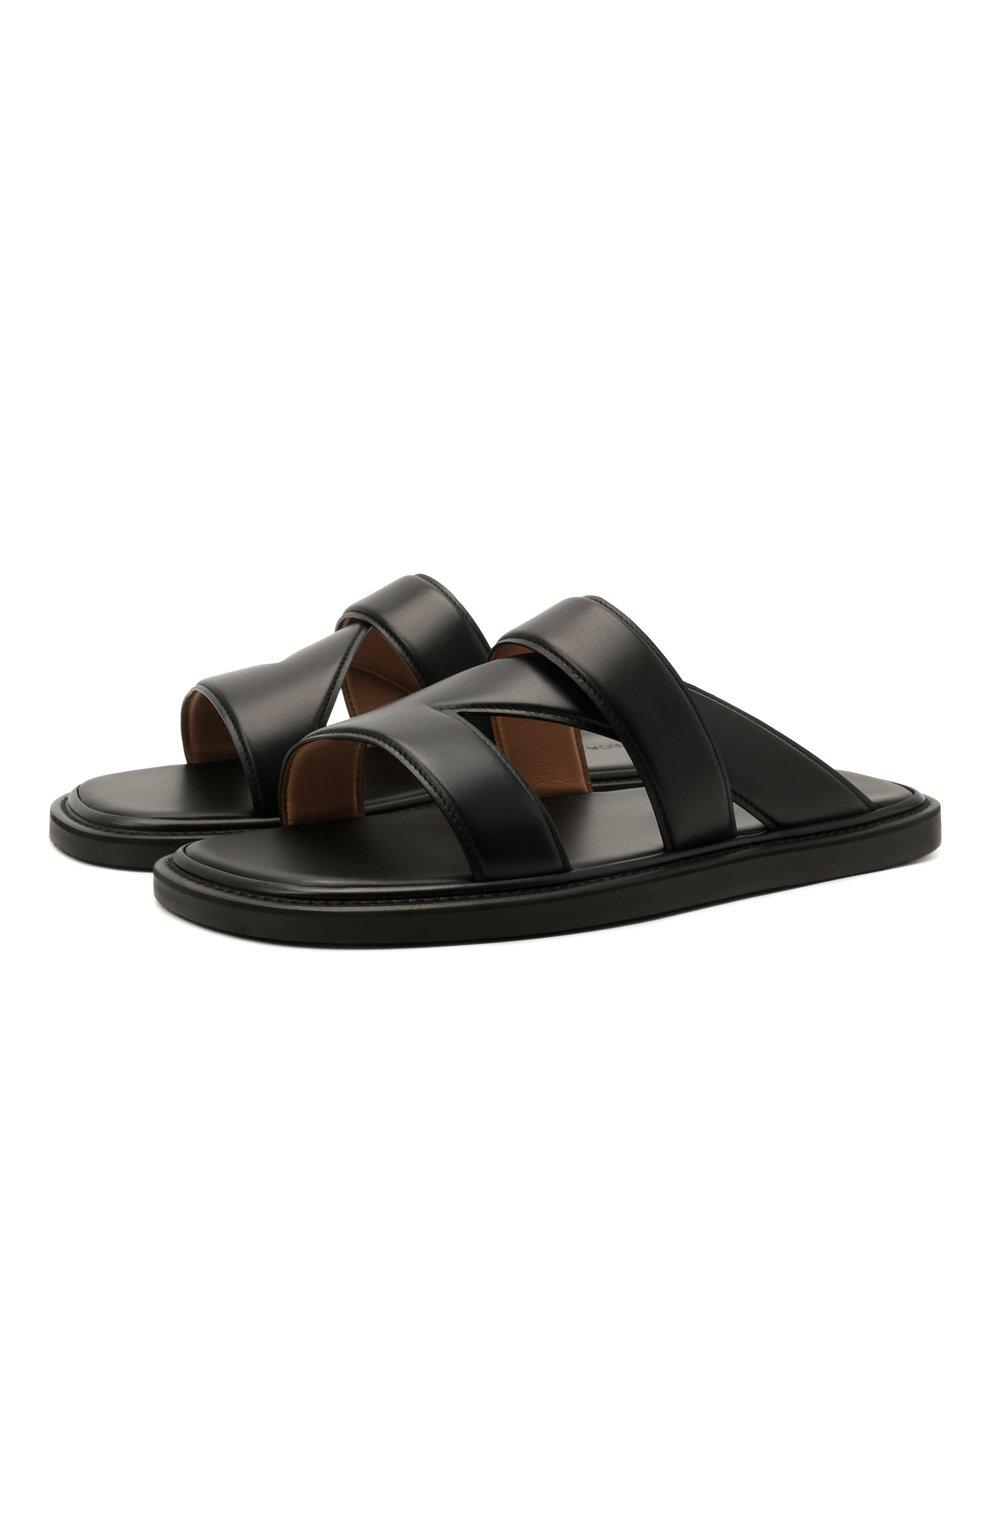 Мужские кожаные шлепанцы BOTTEGA VENETA черного цвета, арт. 651420/VBSL0 | Фото 1 (Материал внешний: Кожа; Материал внутренний: Натуральная кожа)